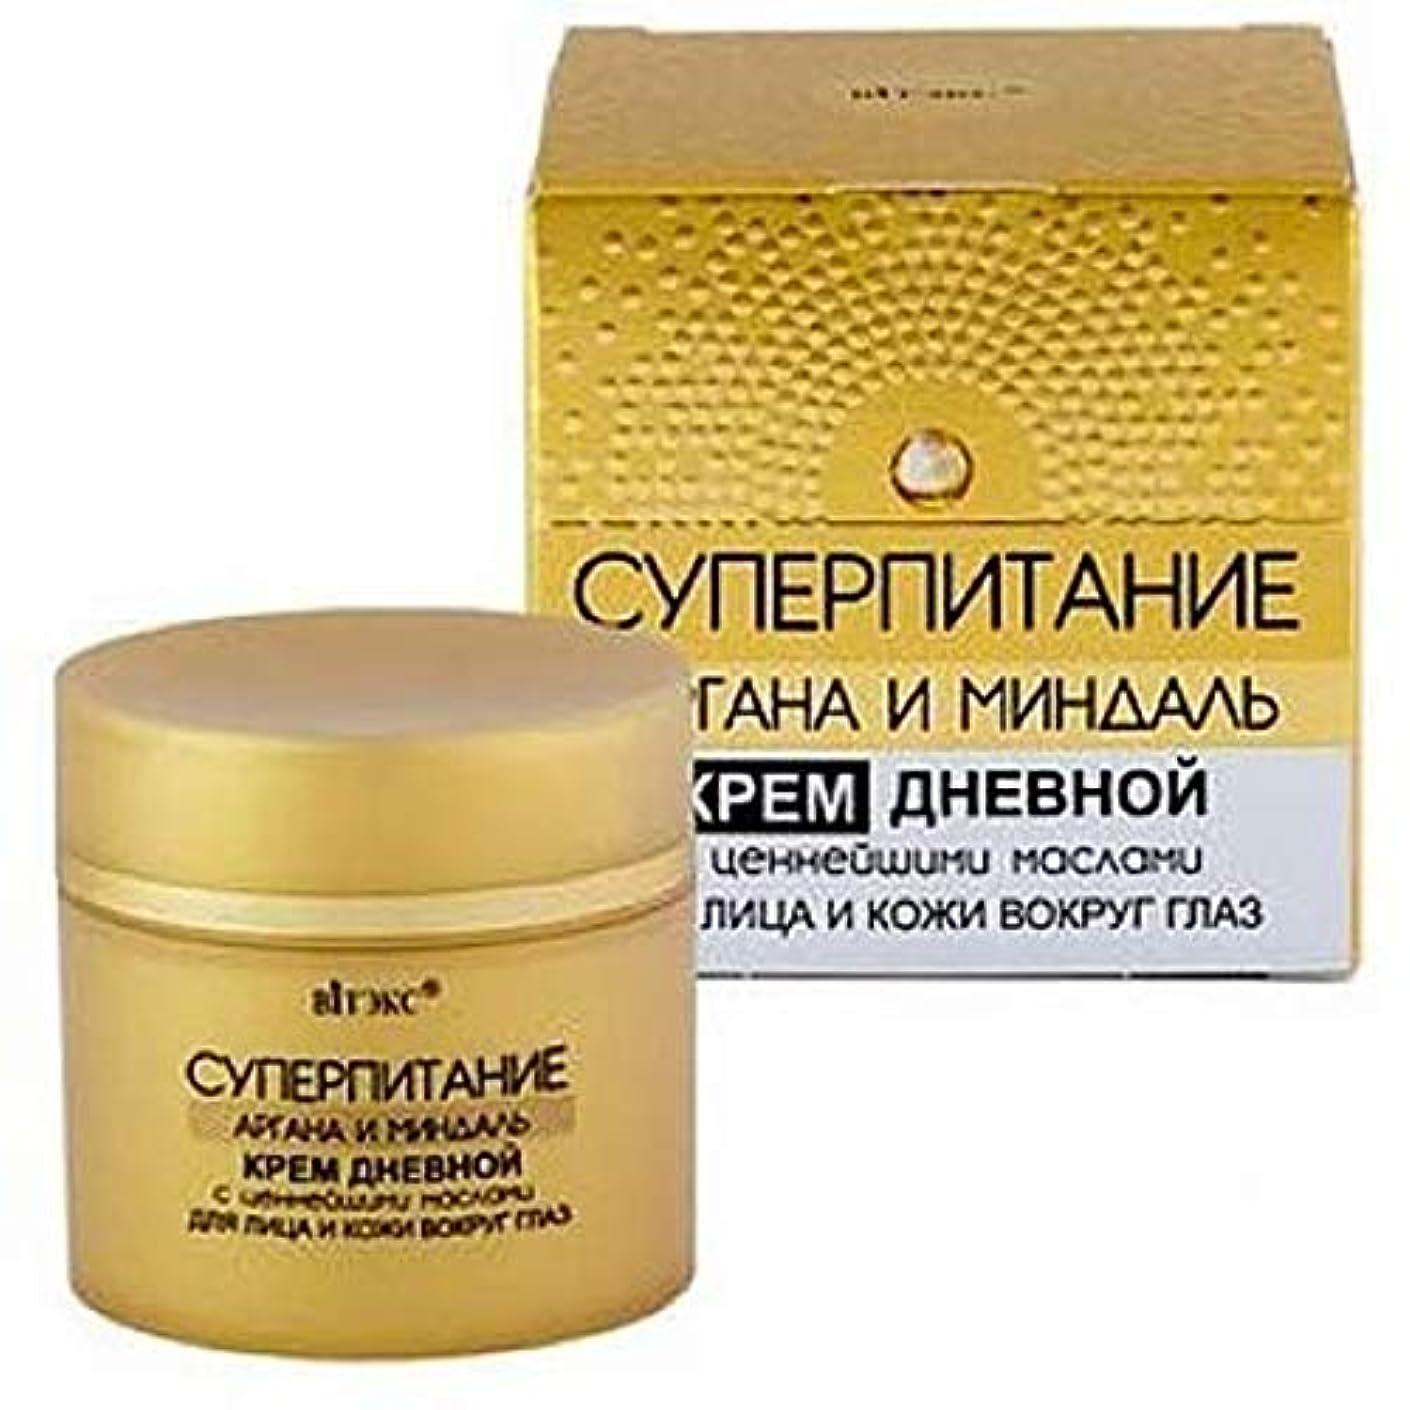 苦情文句マキシム倫理的Day cream with the most valuable oils for the face and skin around the eyes | Argan and Almond | Nutrition | Actively Softens | Eliminates Dryness | 45 ml